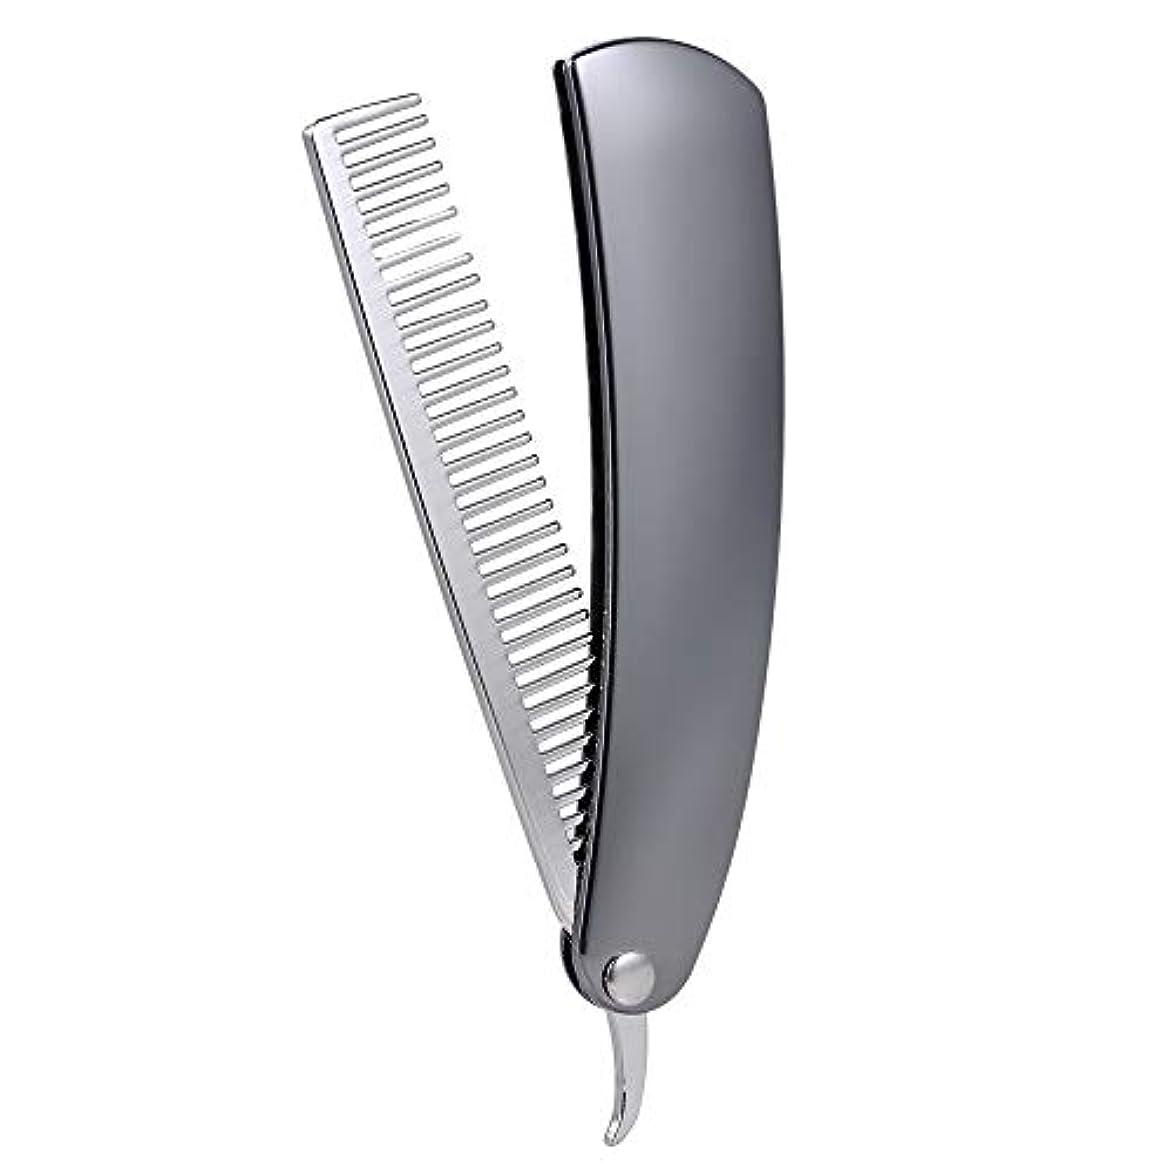 是正履歴書背骨Foldable Male Beard hair Combs Stainless Steel Brush Mini Pocket Men's Shaving Comb Portable Mustache Styling...